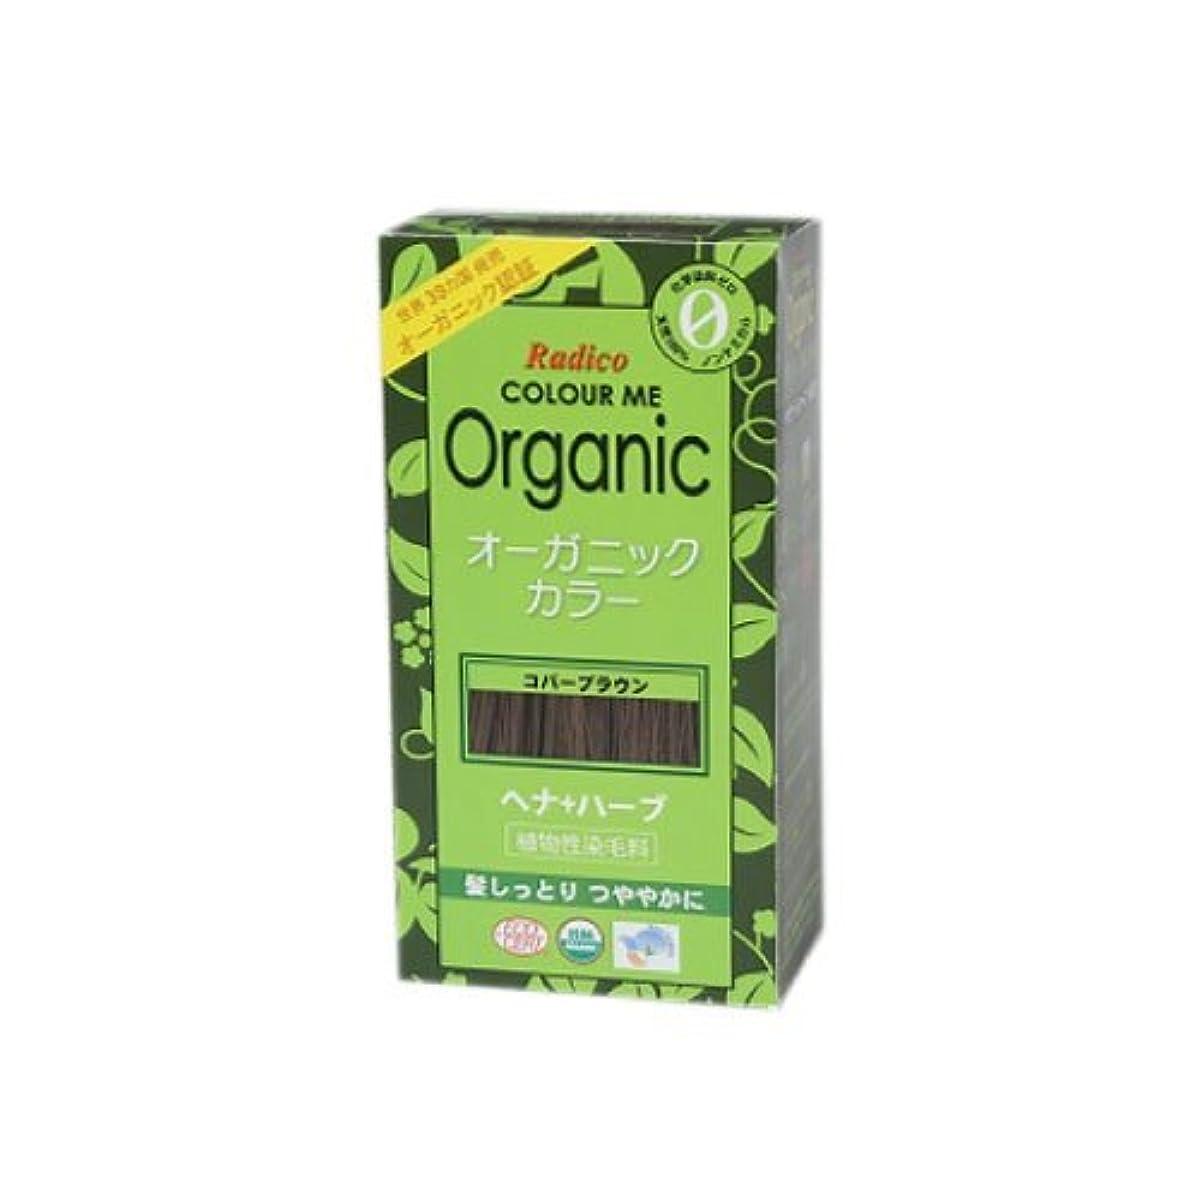 調整可能スーダン謎めいたCOLOURME Organic (カラーミーオーガニック ヘナ 白髪用) コパーブラウン 100g